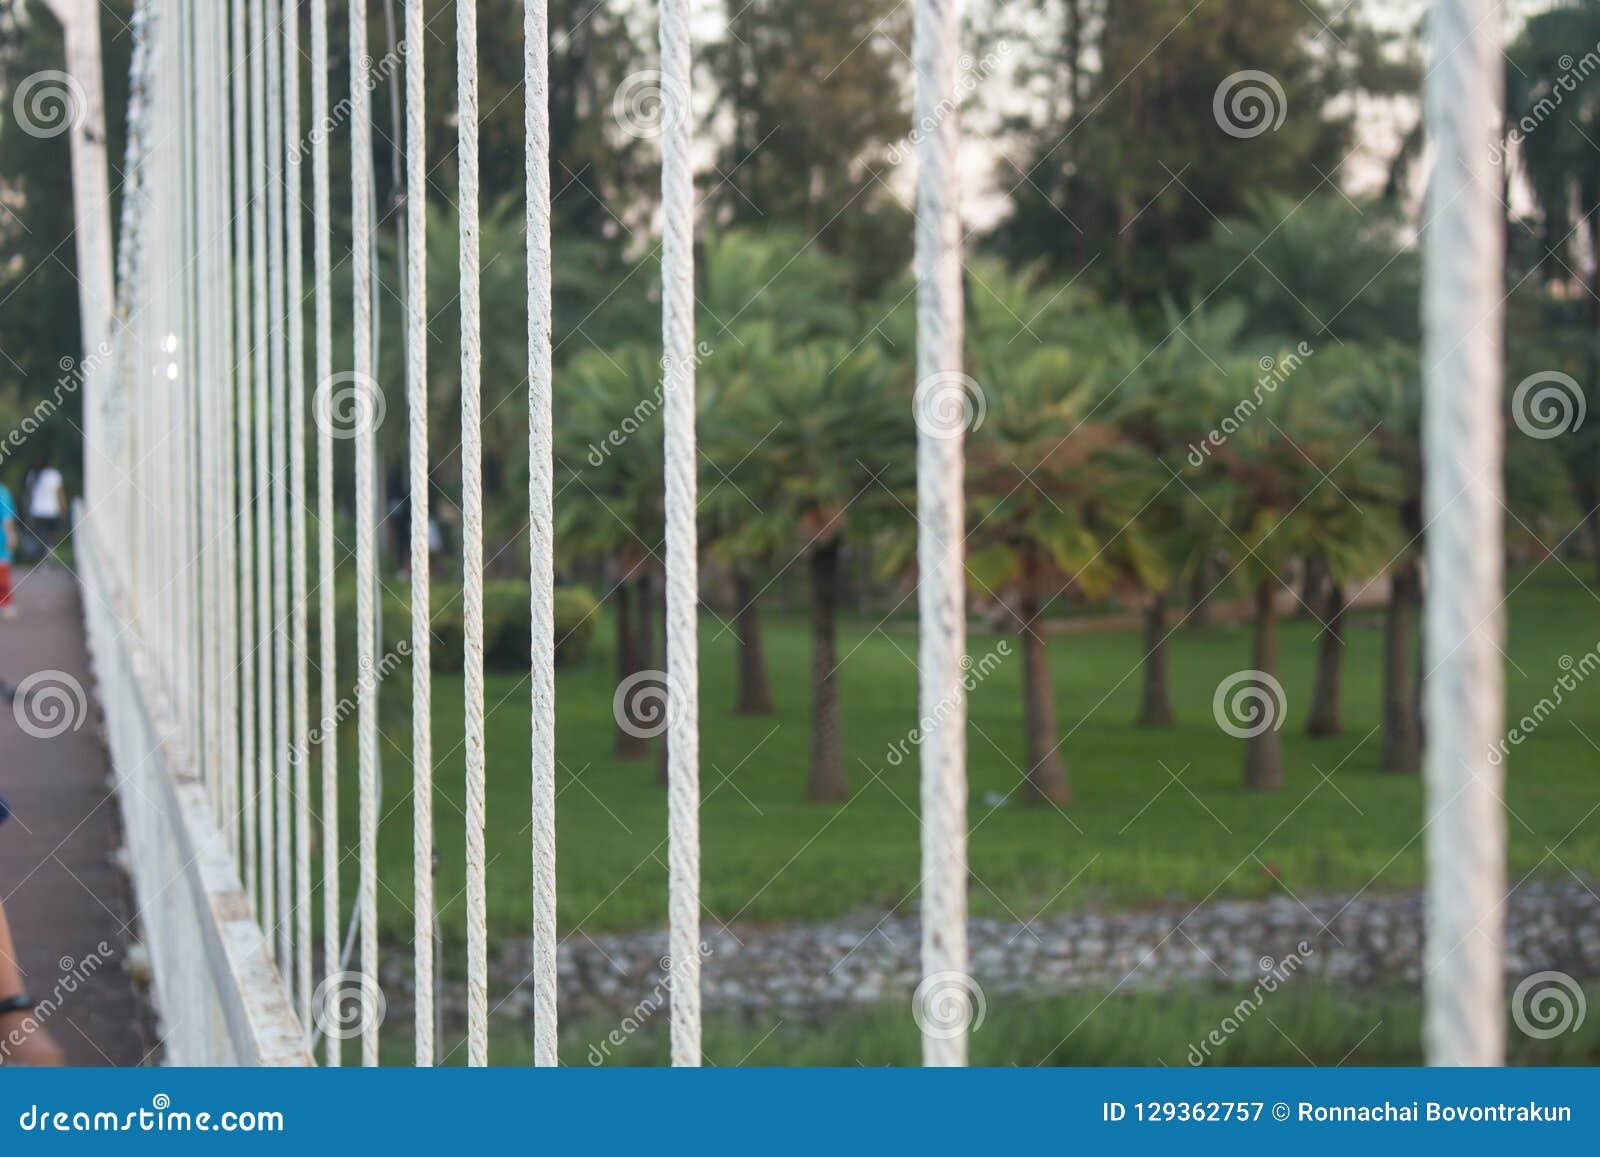 Biały stalowy kablowy most